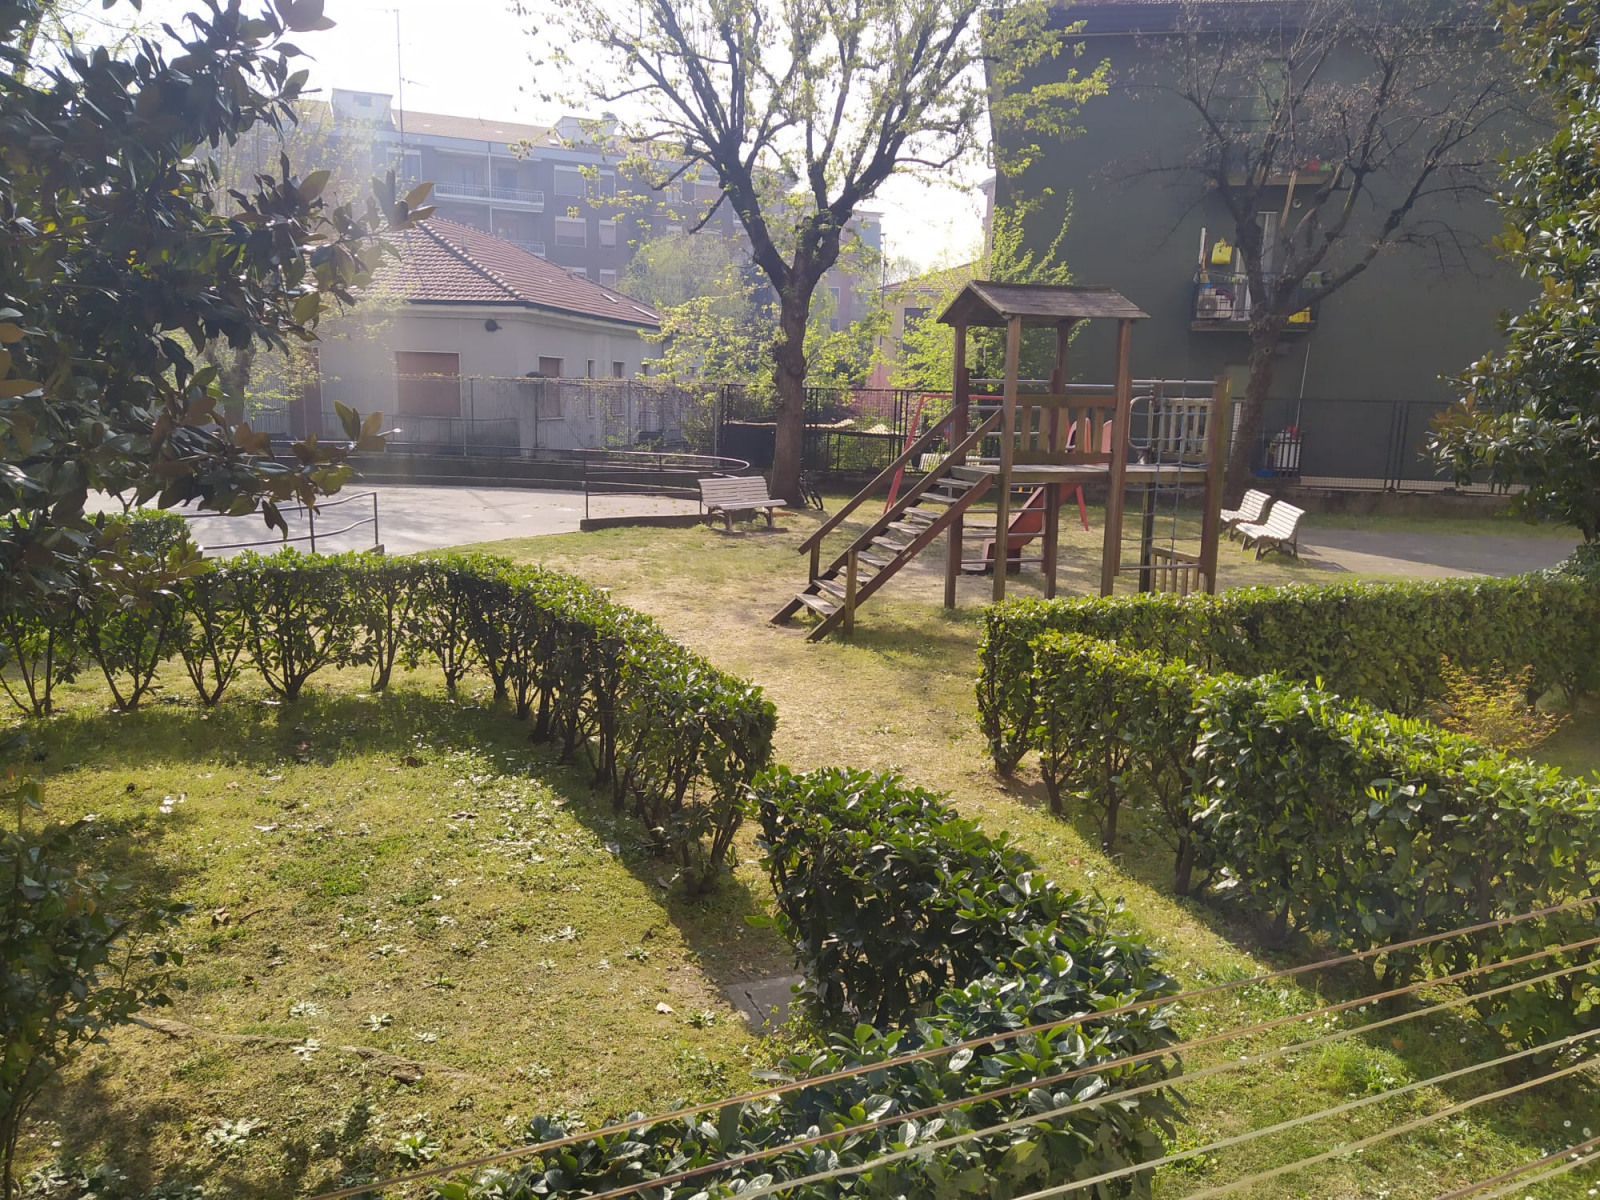 appartamento-in-vendita-a-milano-bagio-3-locali-via-cabella-spaziourbano-immobiliare-vende-25